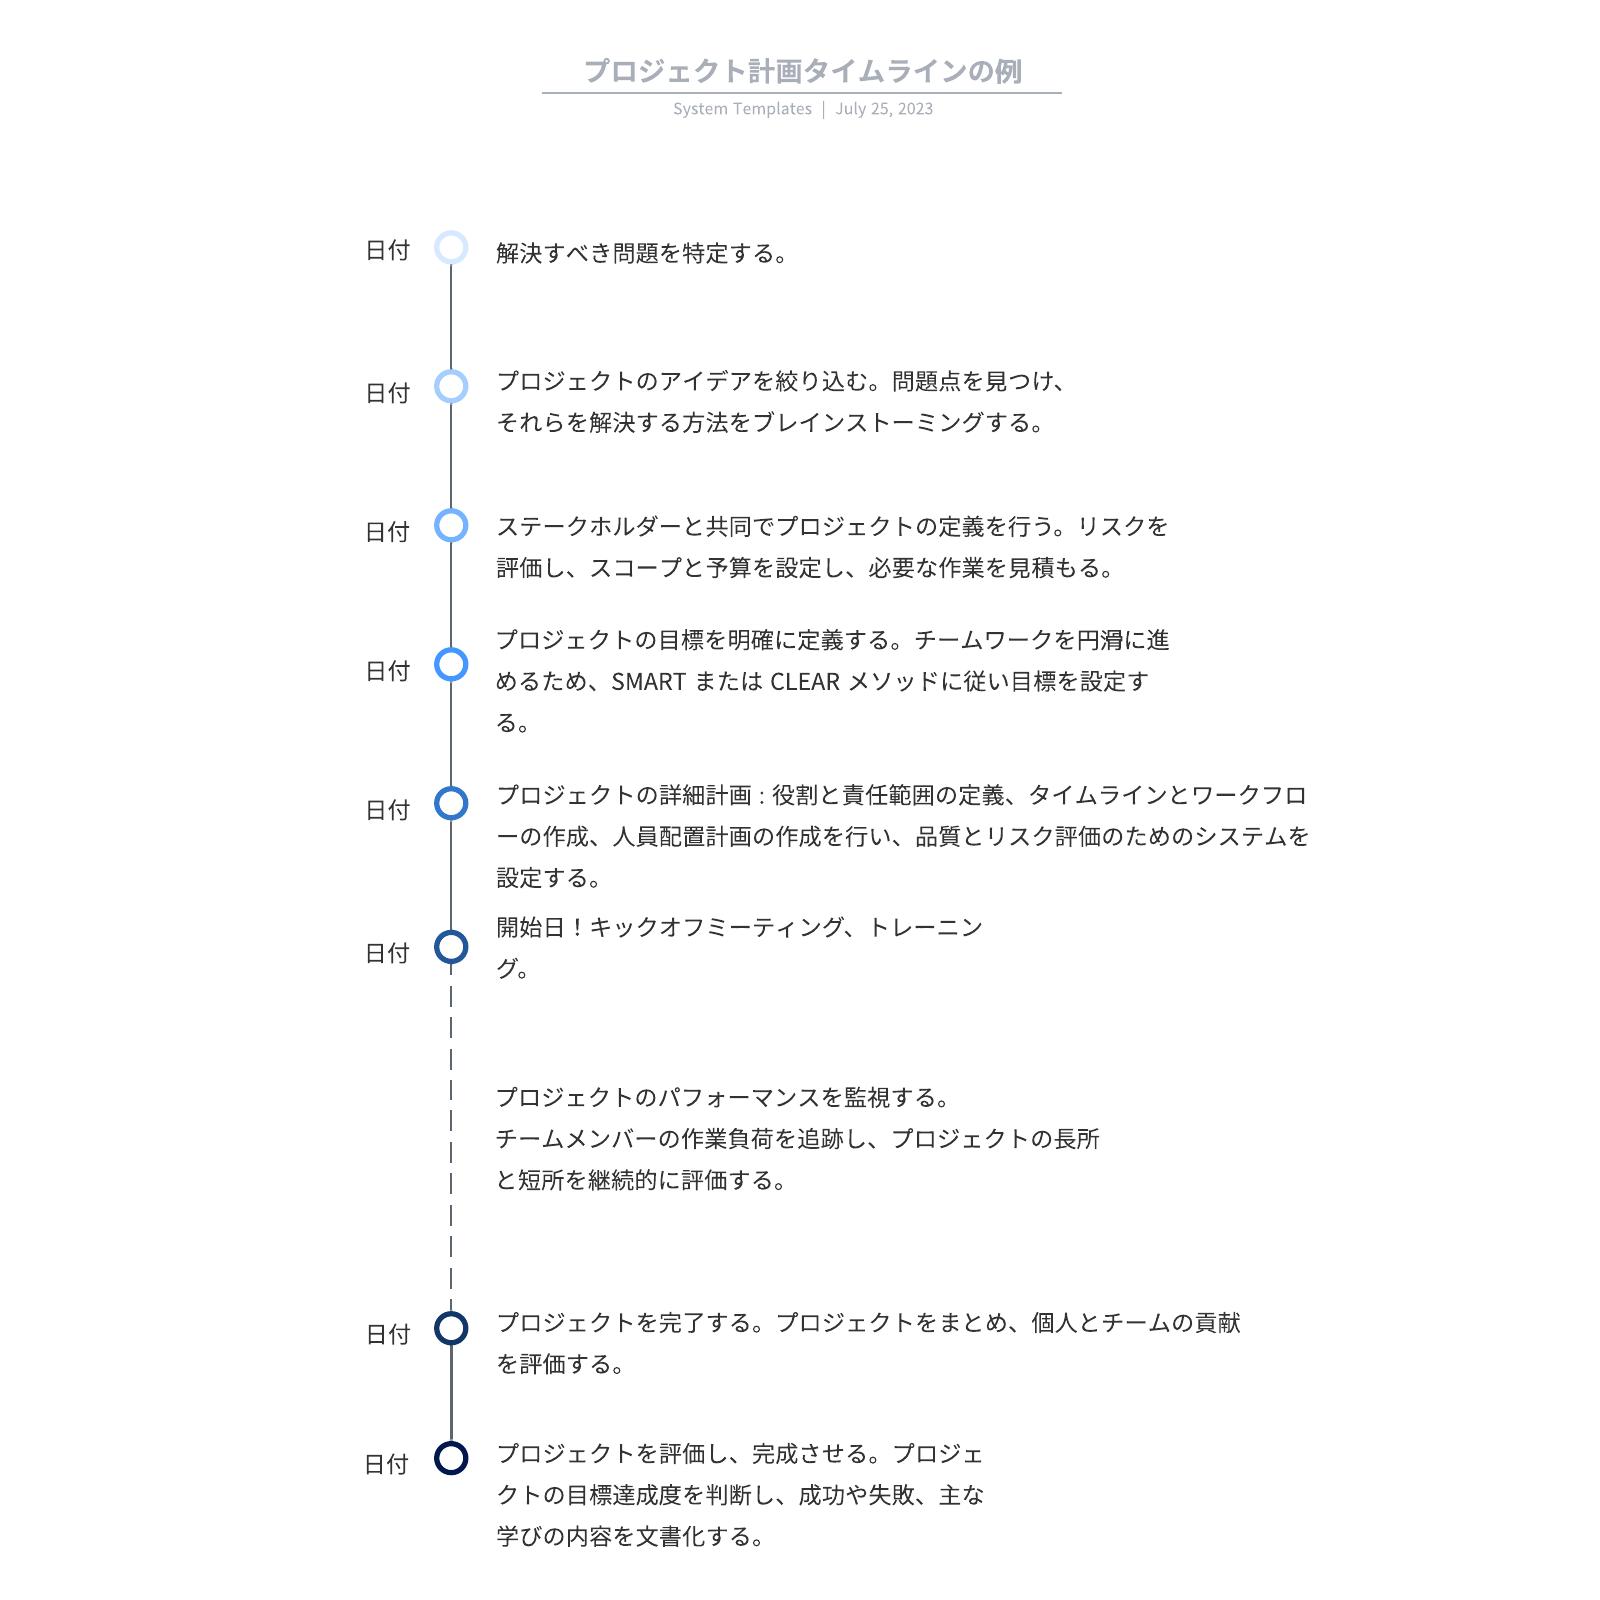 年表とプロジェクト計画のデザイン例